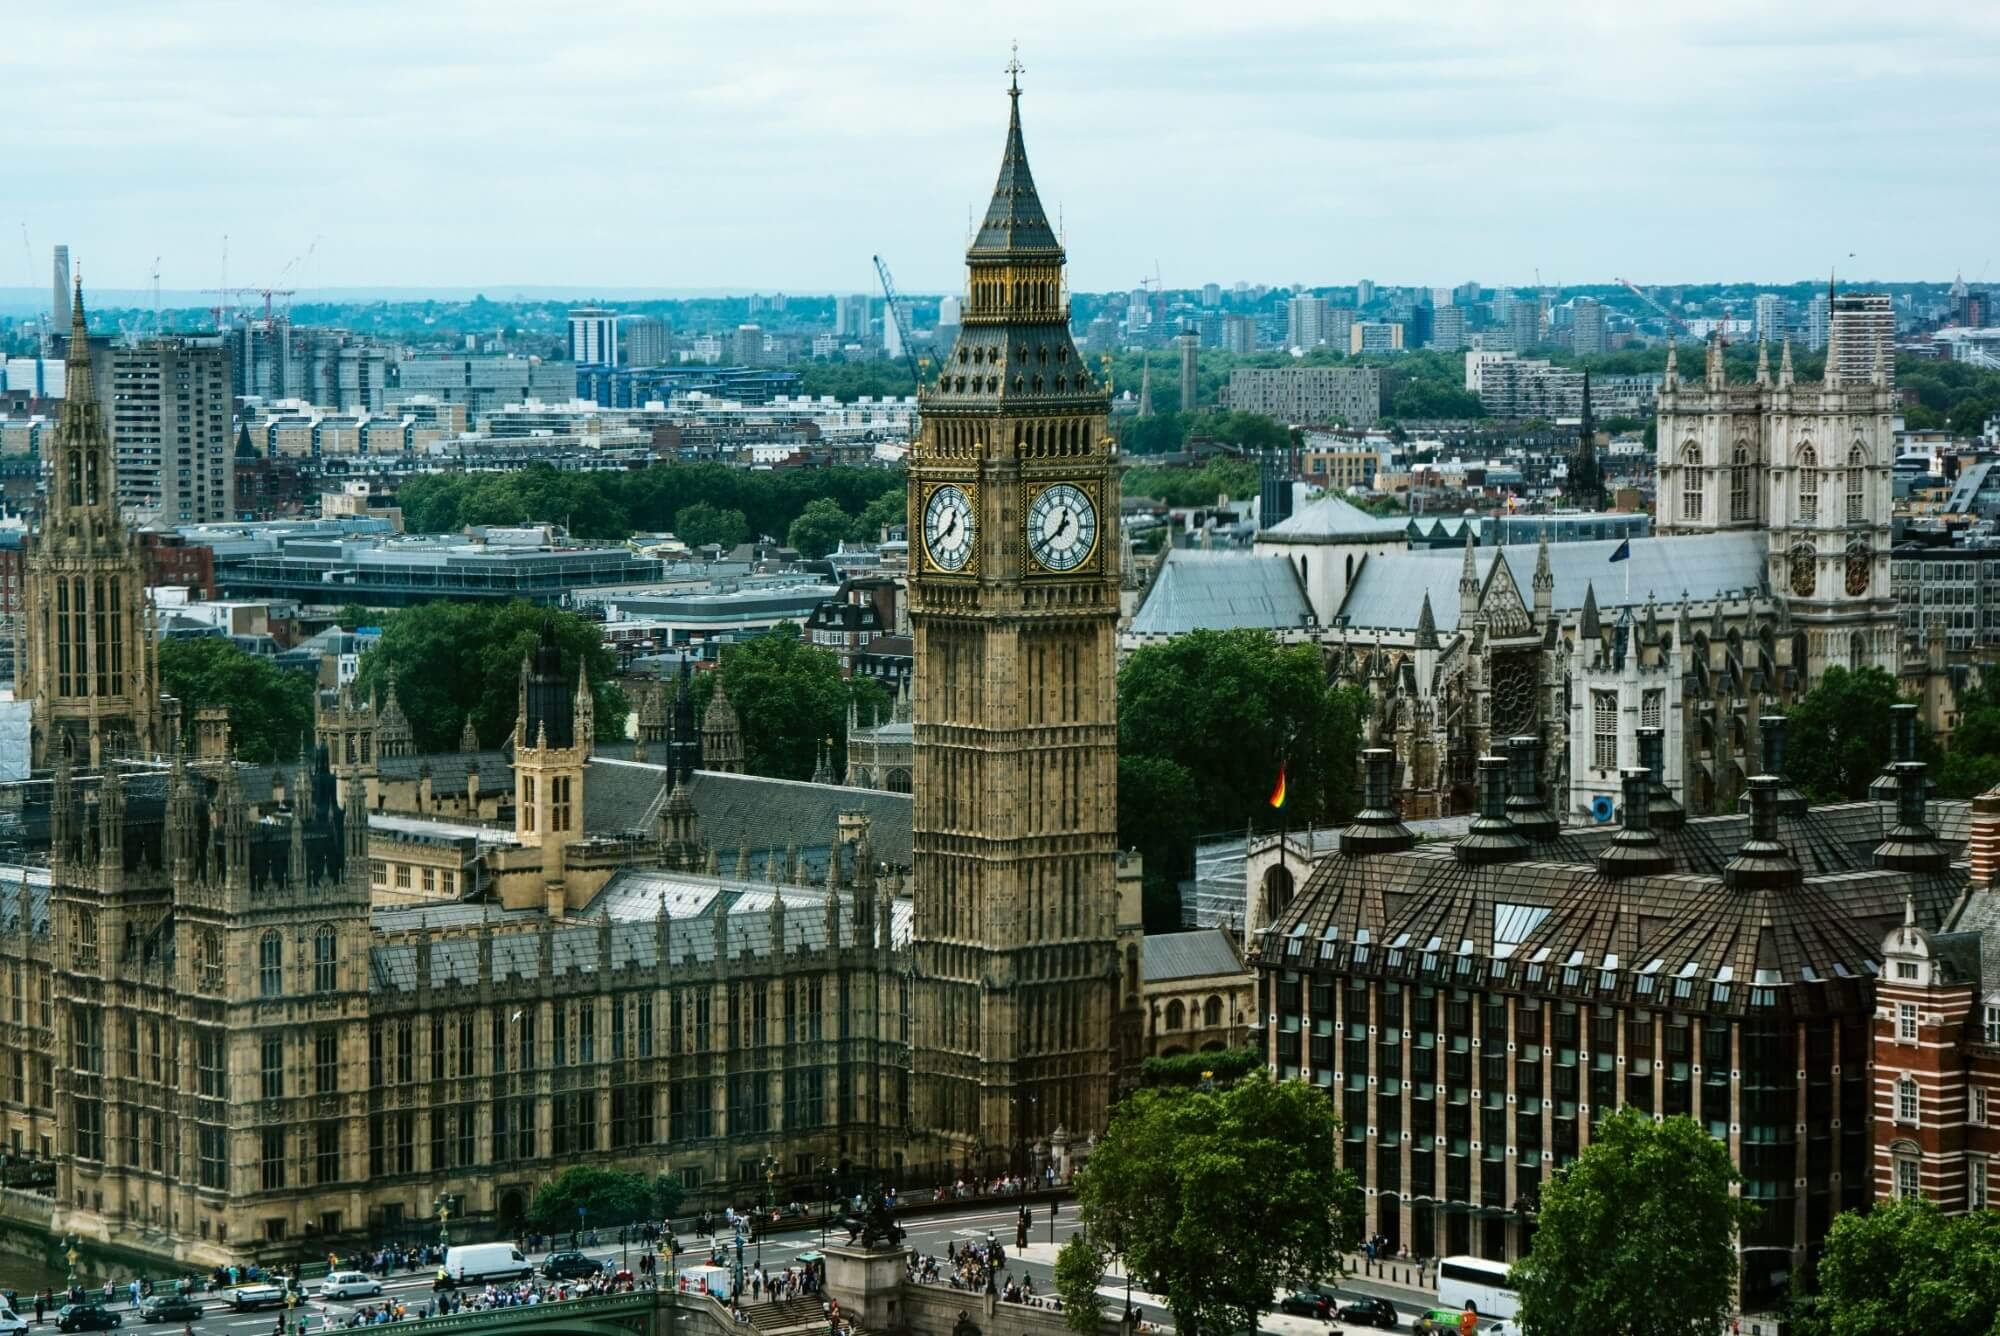 Big Ben and part of Parliament building